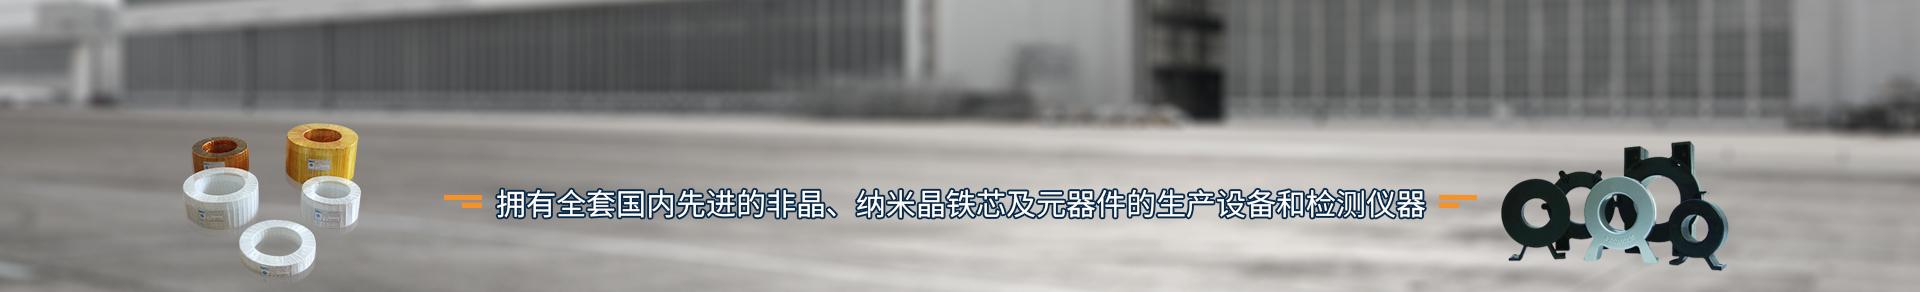 http://www.chinaboerjing.com/data/upload/202008/20200820145958_362.jpg